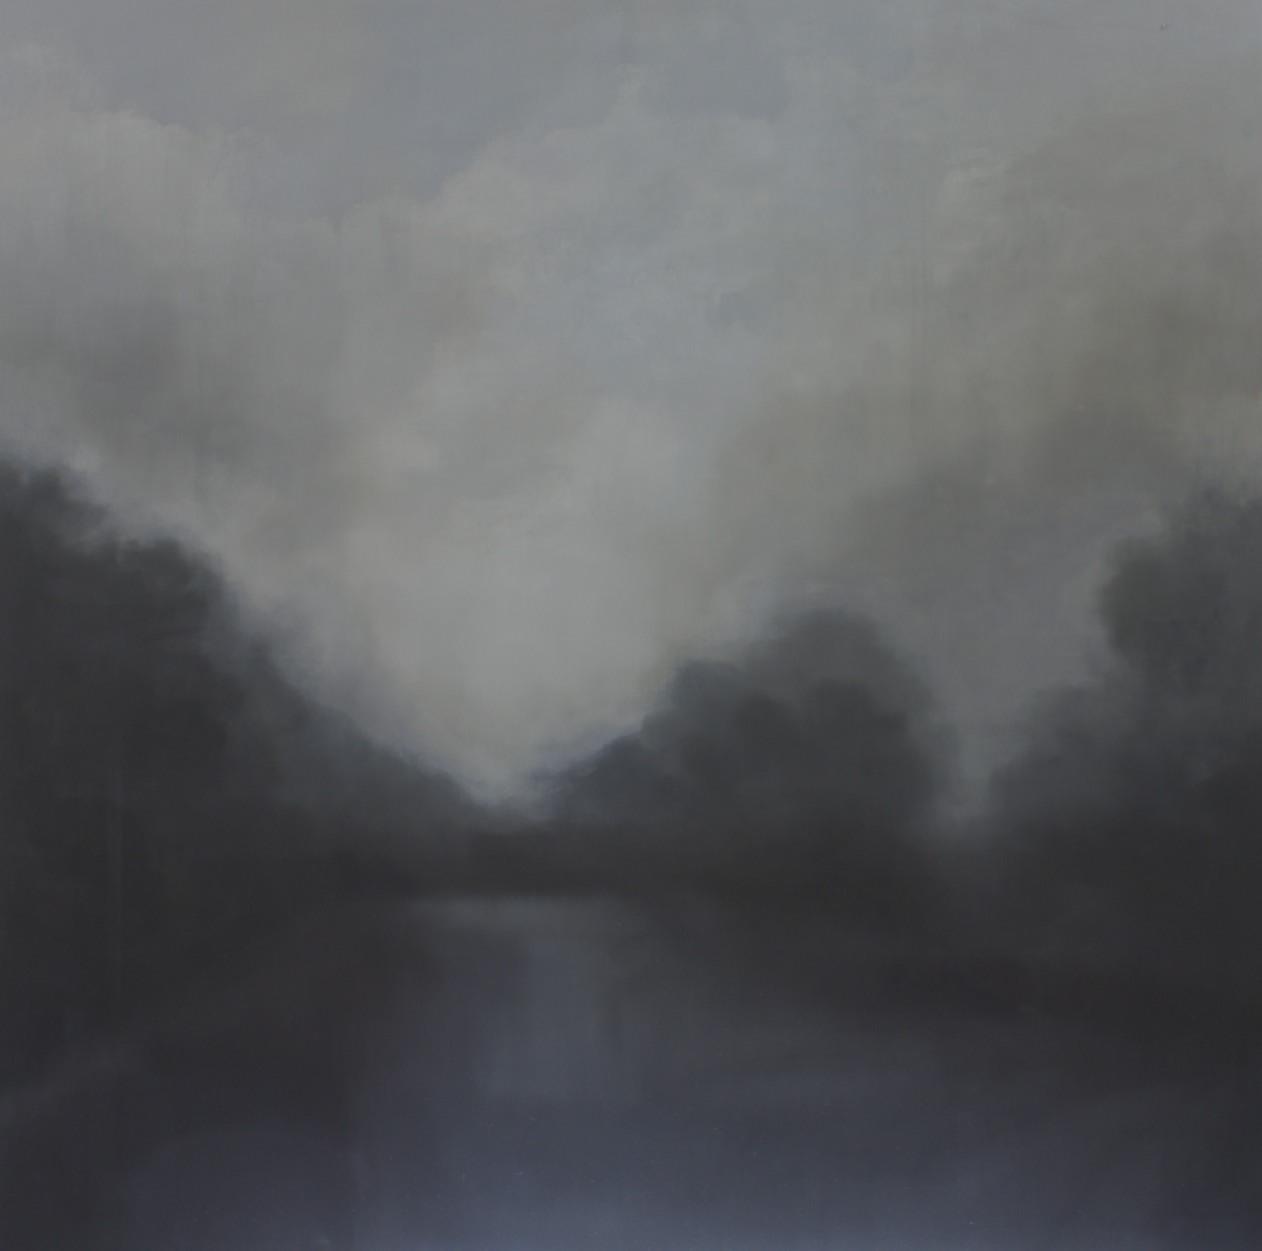 Simmer 2013 oil on linen 152 x 152 cm